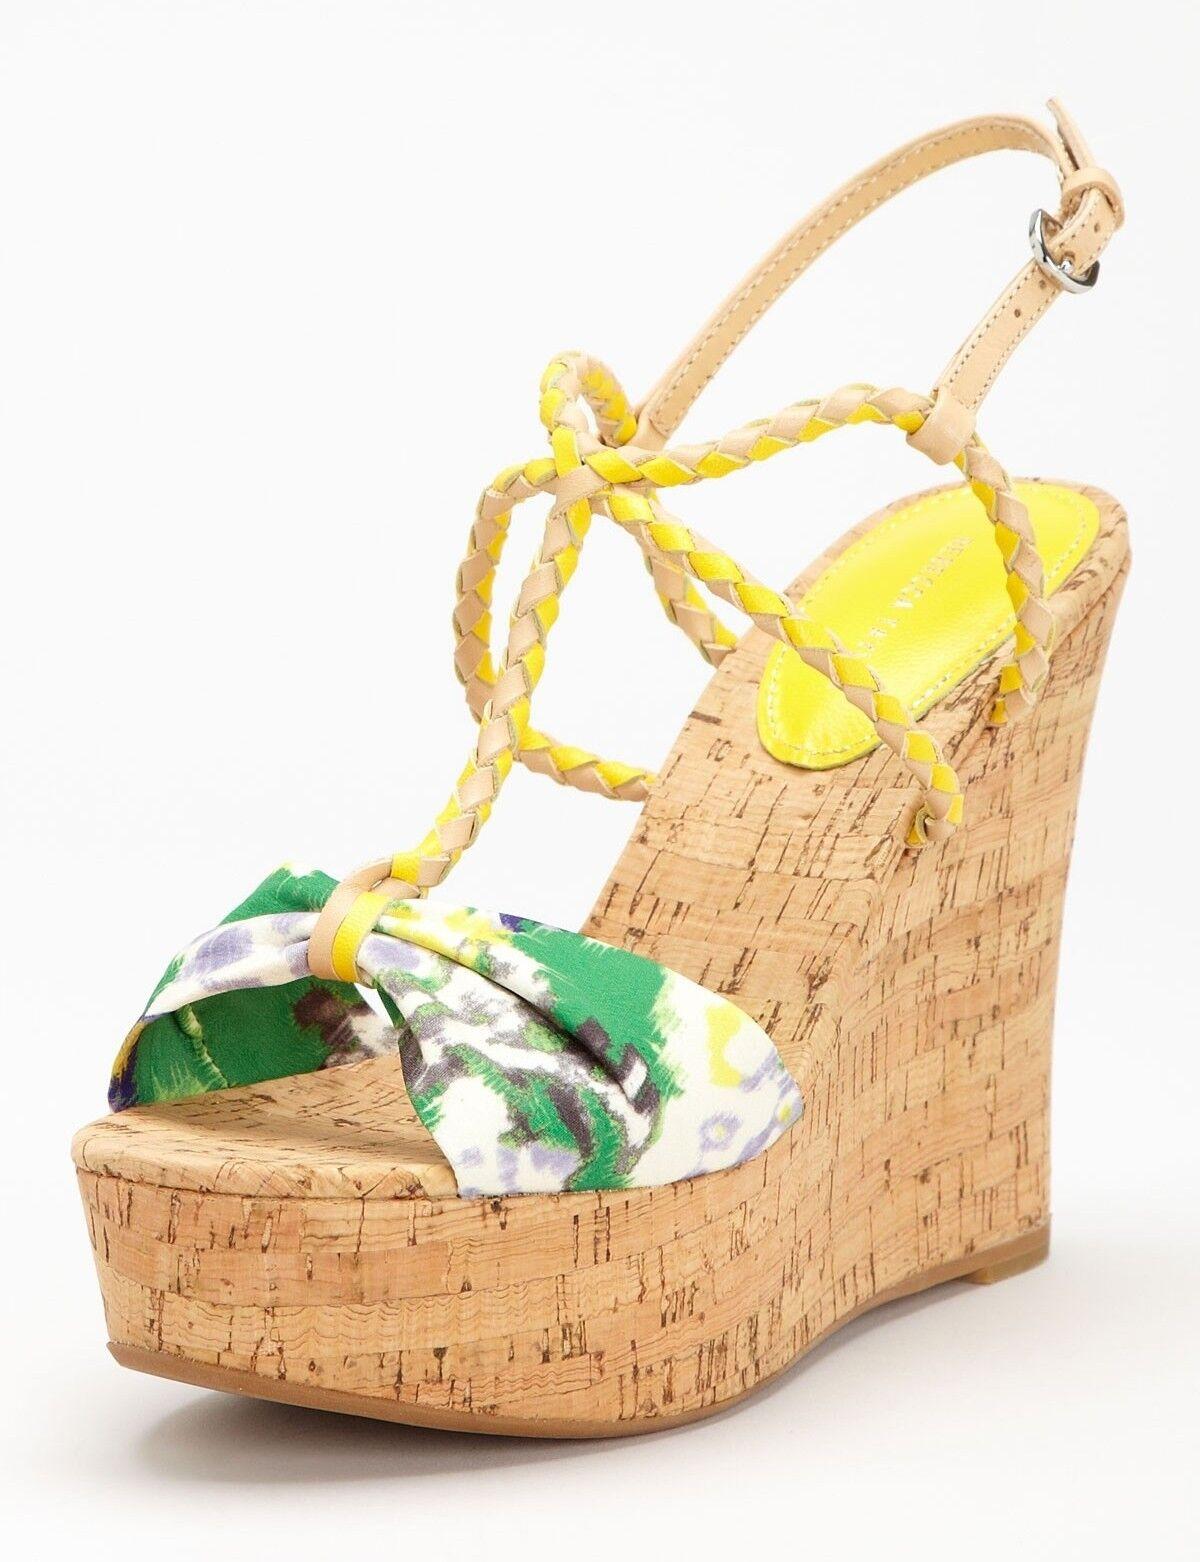 Nuevo  245 Rebecca Taylor Naomi Corcho Corcho Corcho Sandalia De Cuña Punta Abierta Plataforma Zapato  Multi  8  Venta en línea de descuento de fábrica